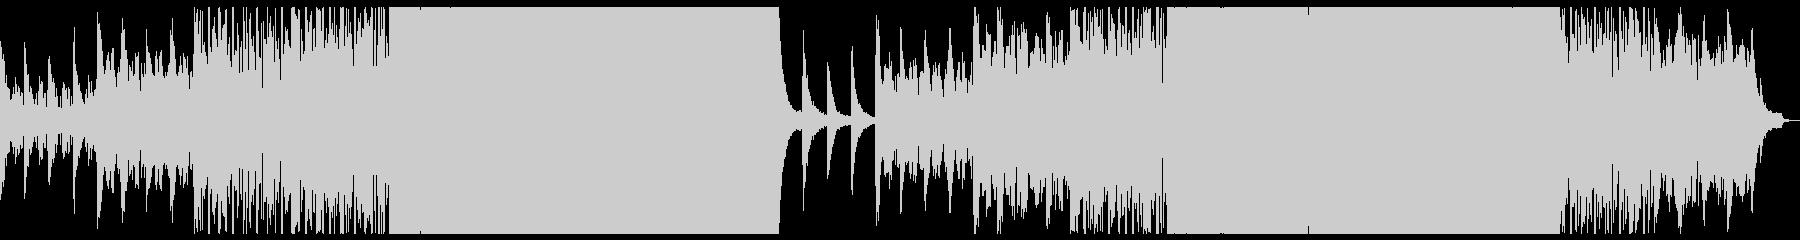 切ないシネマティックエレクトロニカ。の未再生の波形